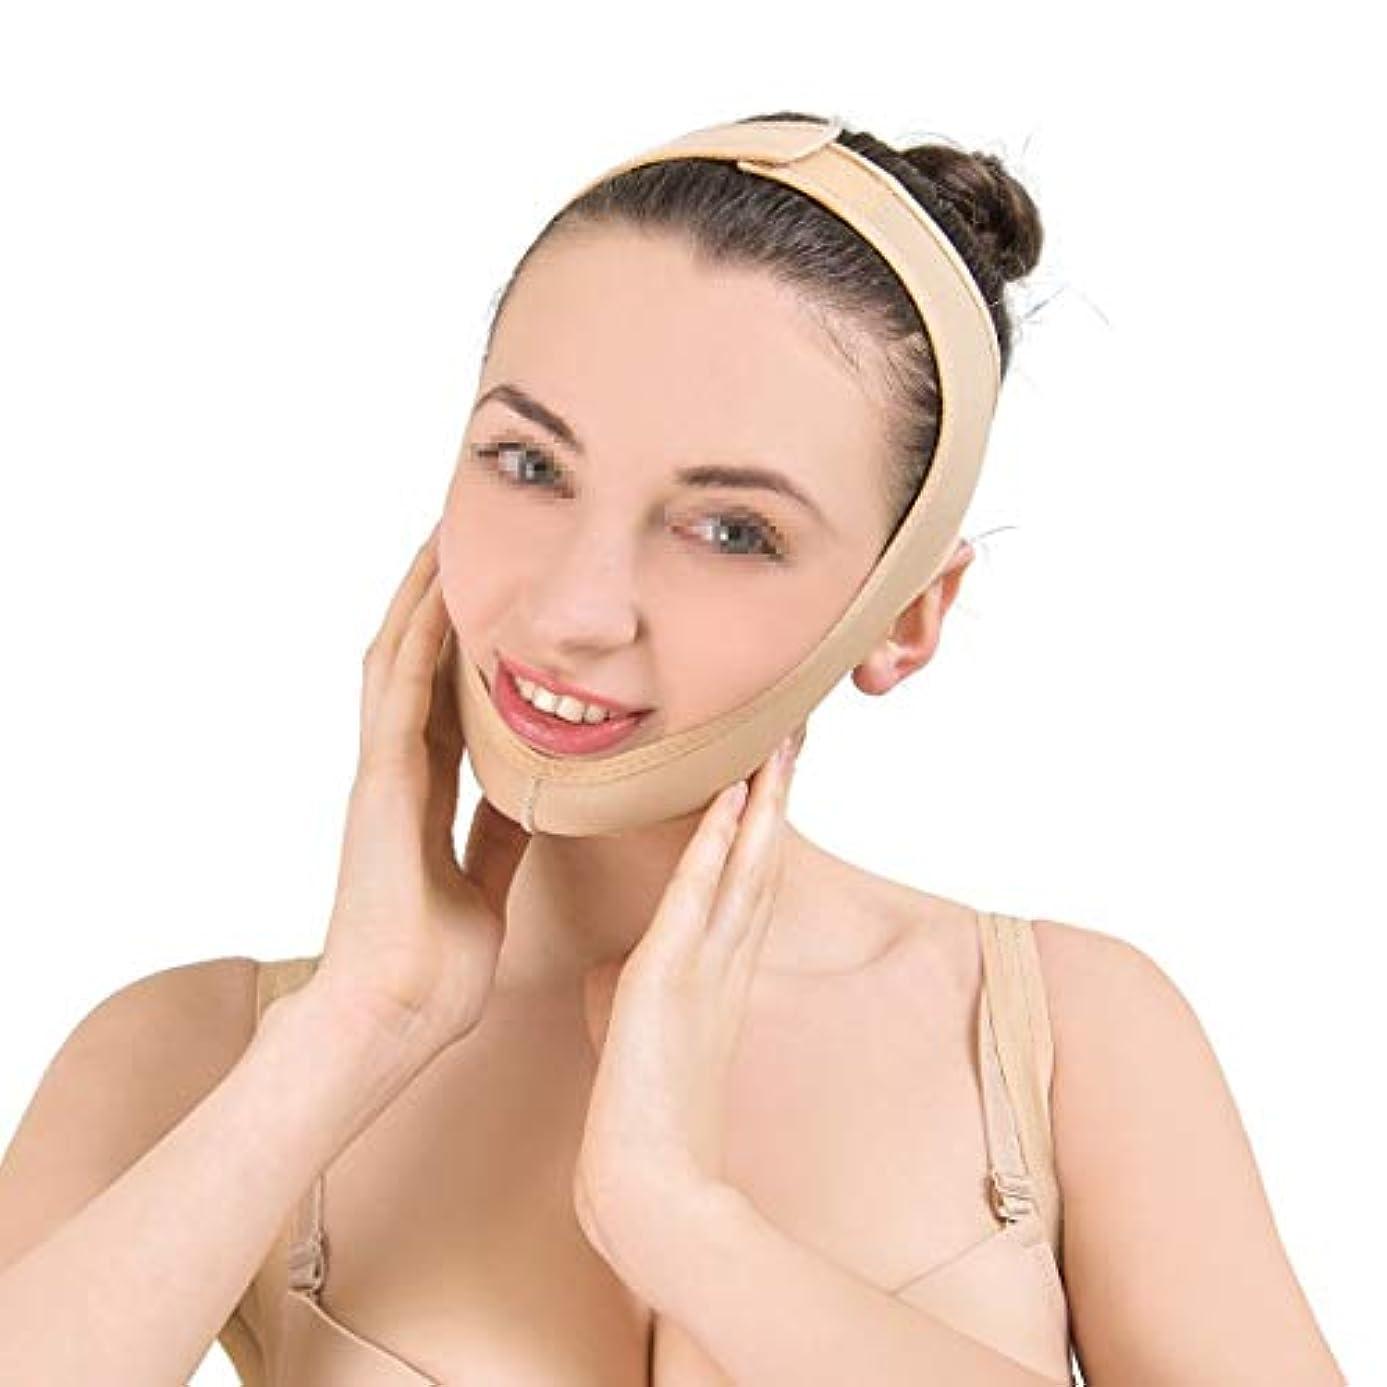 陪審適応的鉄ZWBD フェイスマスク, フェイシャル痩身フェイシャルマスクリフティングベルトで肌の包帯を引き締め、Vフェイスライン包帯のダブルチンケア減量ベルトを強化 (Size : M)